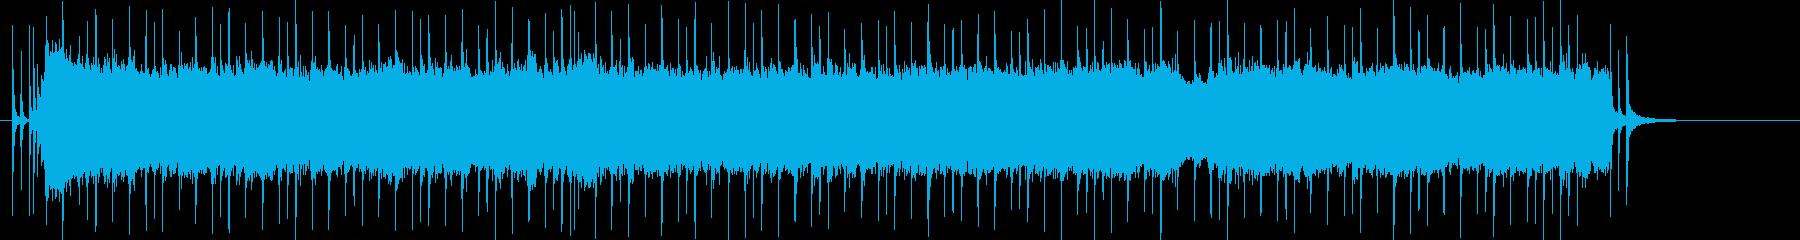 キャッチーで荒々しい90sUKロックSHの再生済みの波形